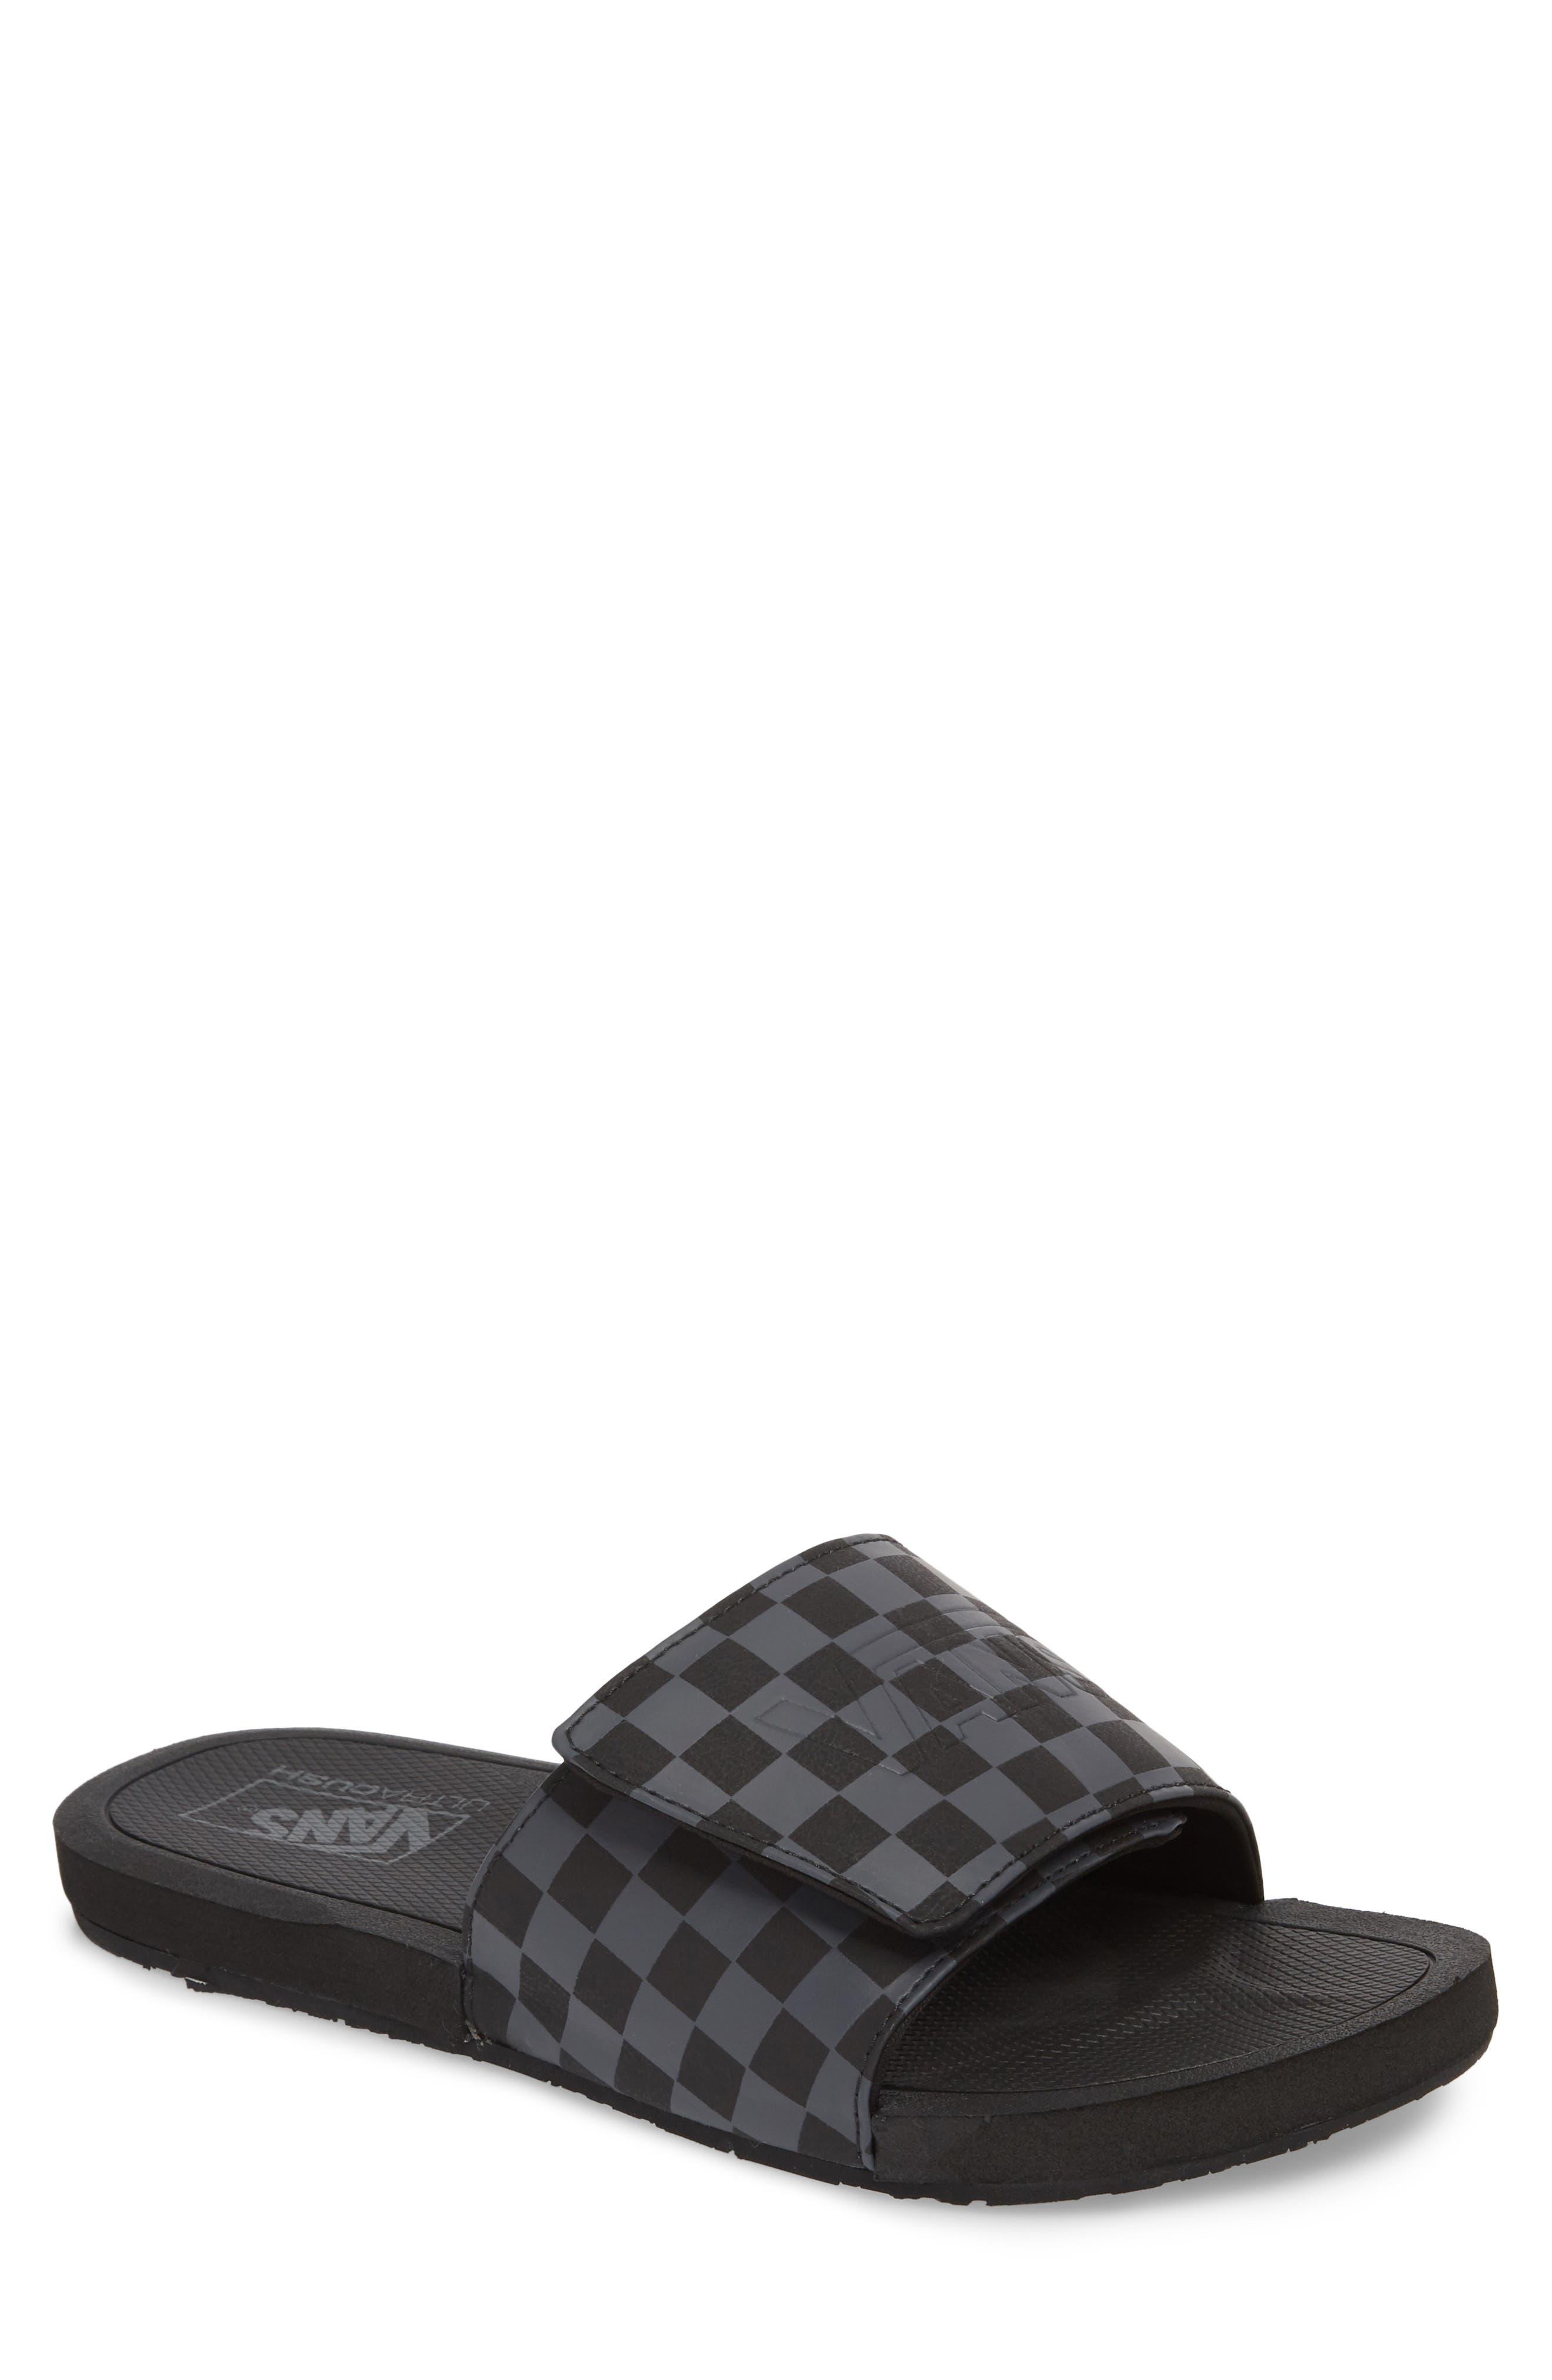 Nexpa Slide Sandal,                             Main thumbnail 1, color,                             001